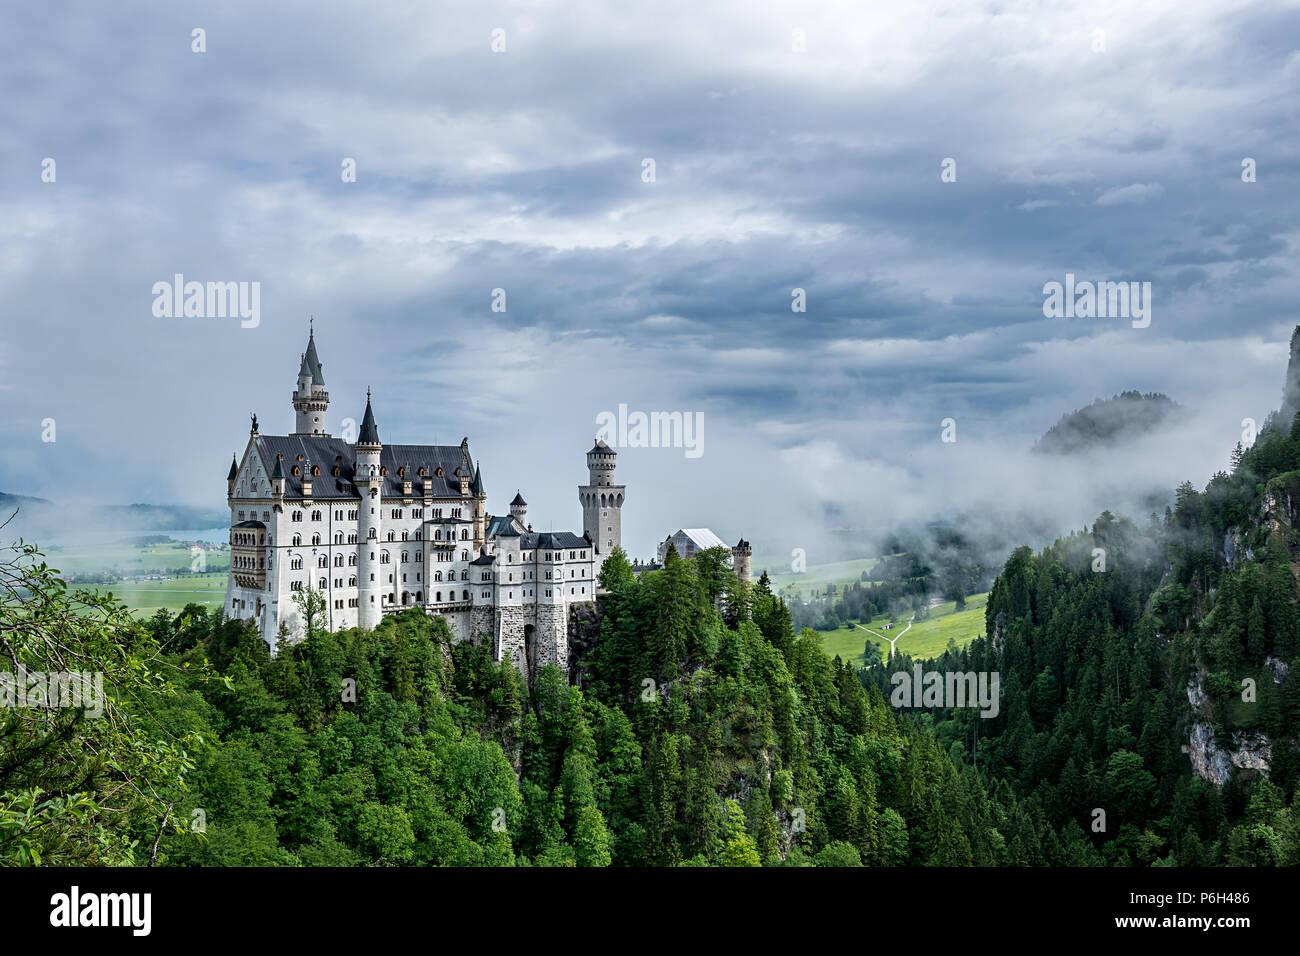 Schloss Neuschwanstein in Bayern mit Wolken am Himmel und ein wenig Nebel an einem sonnigen Tag Stockbild